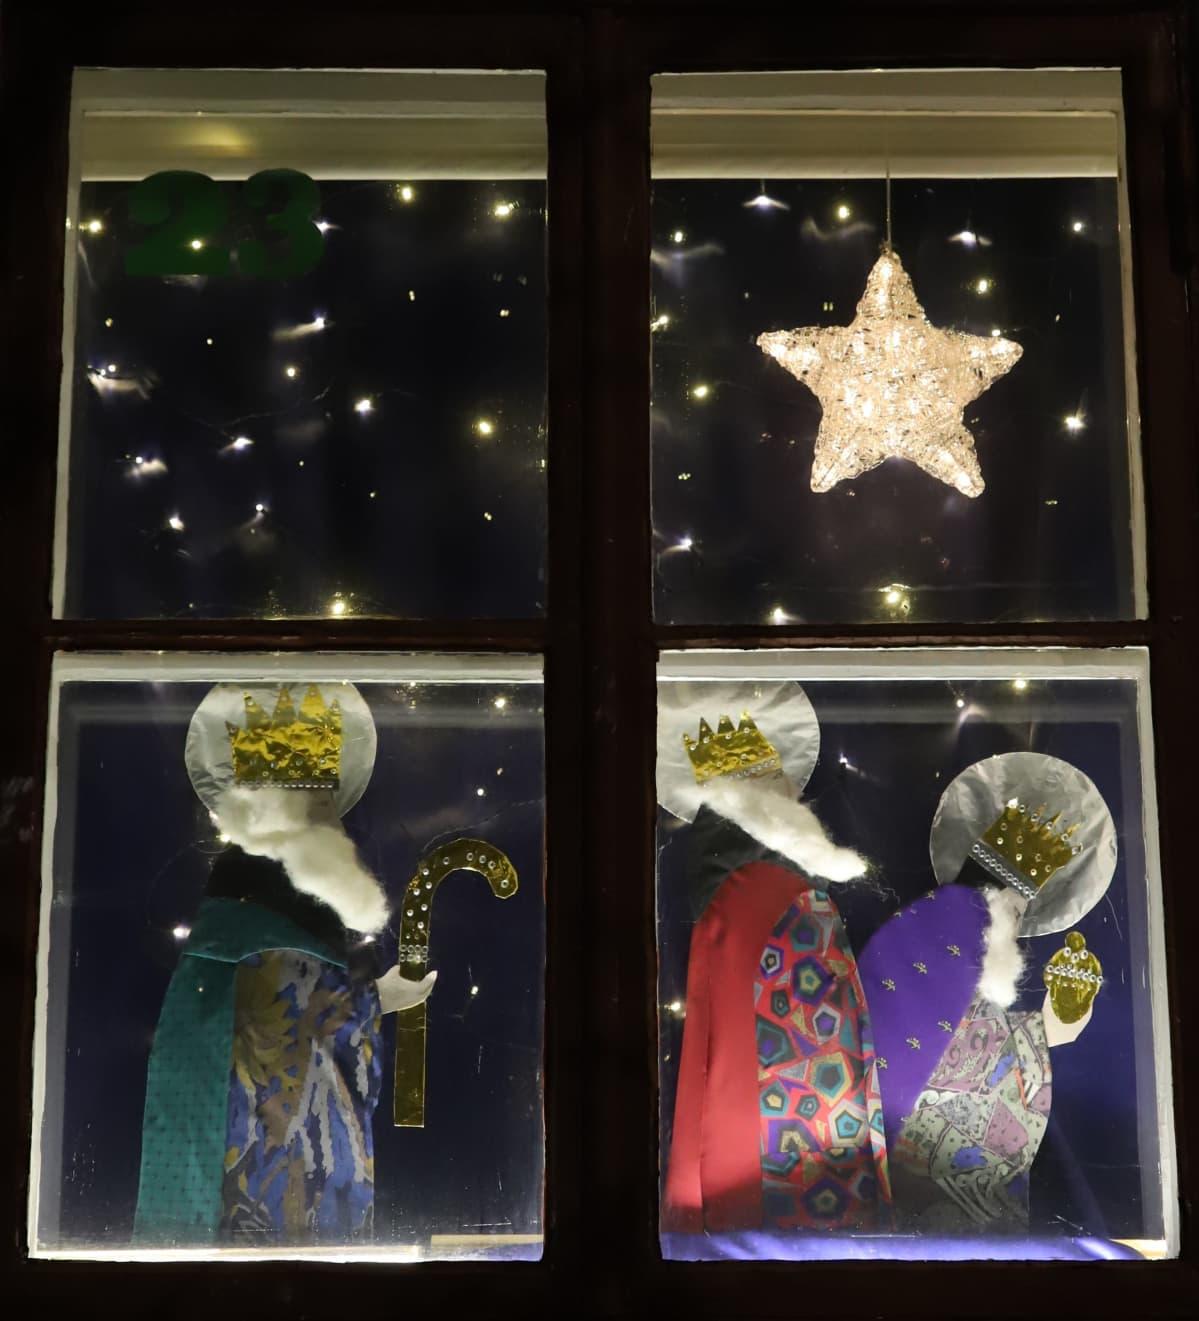 kravateista tehtyjä itämaantietäjiä ikkunassa